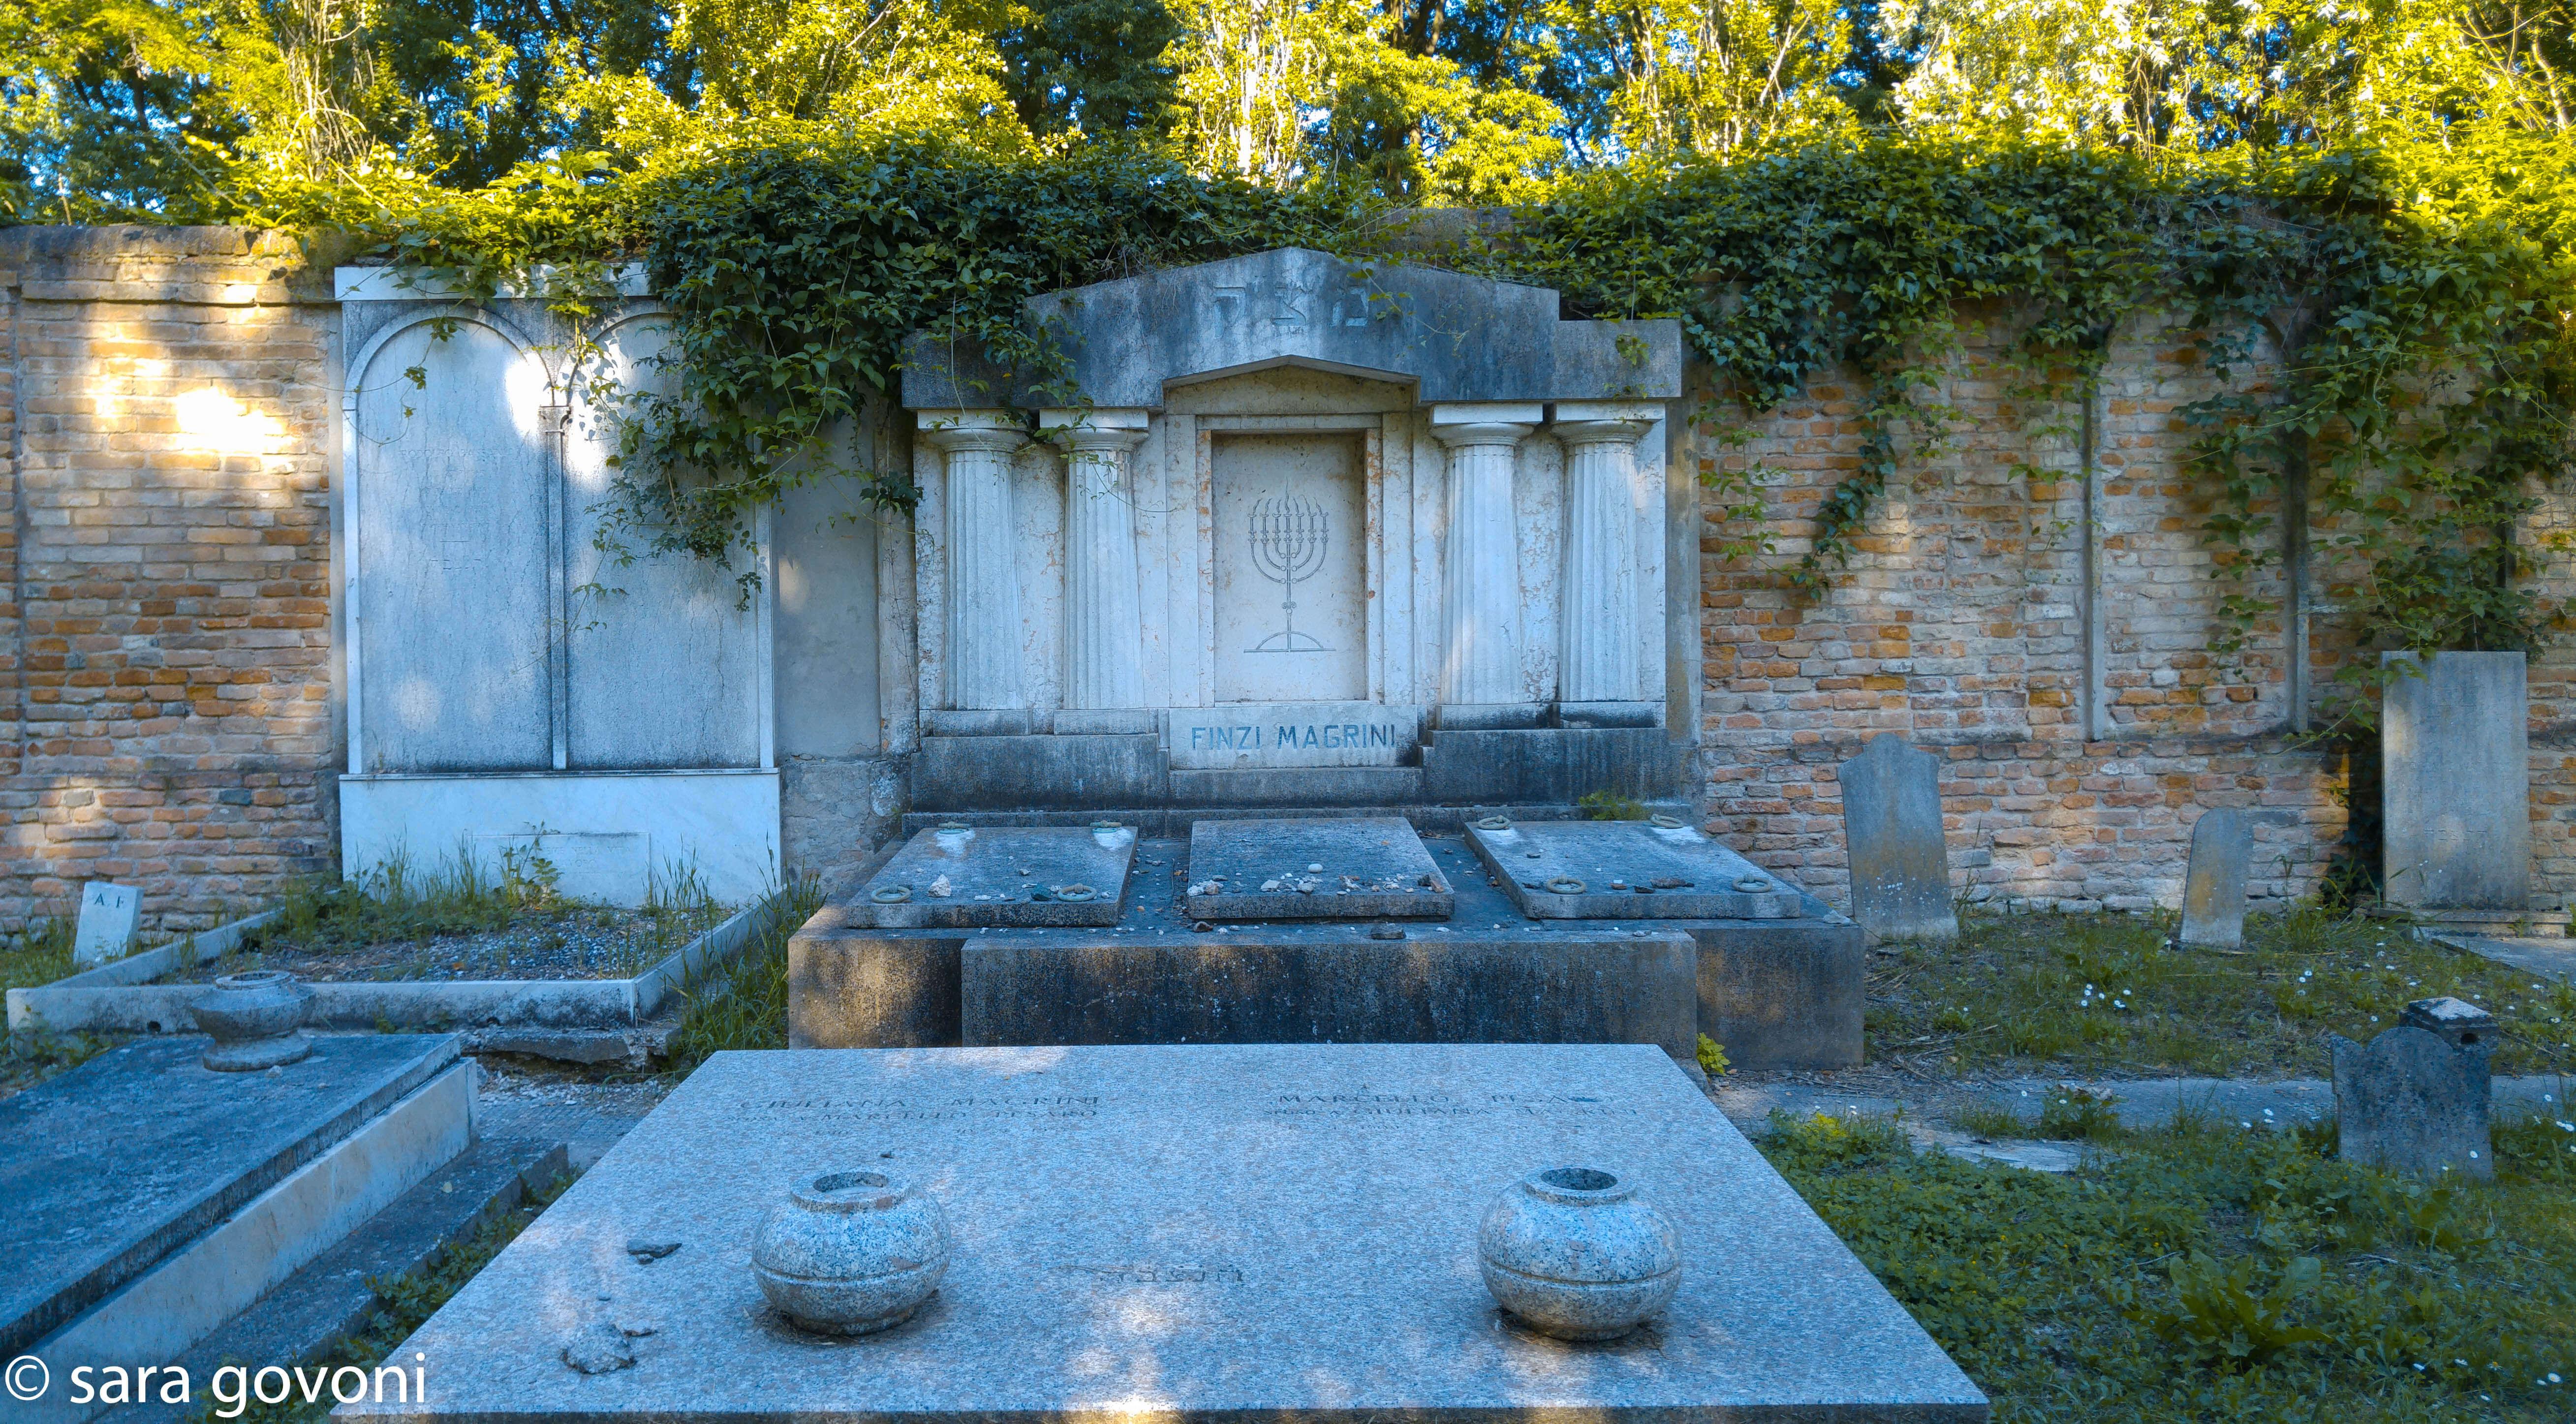 Tombe del cimitero ebraico